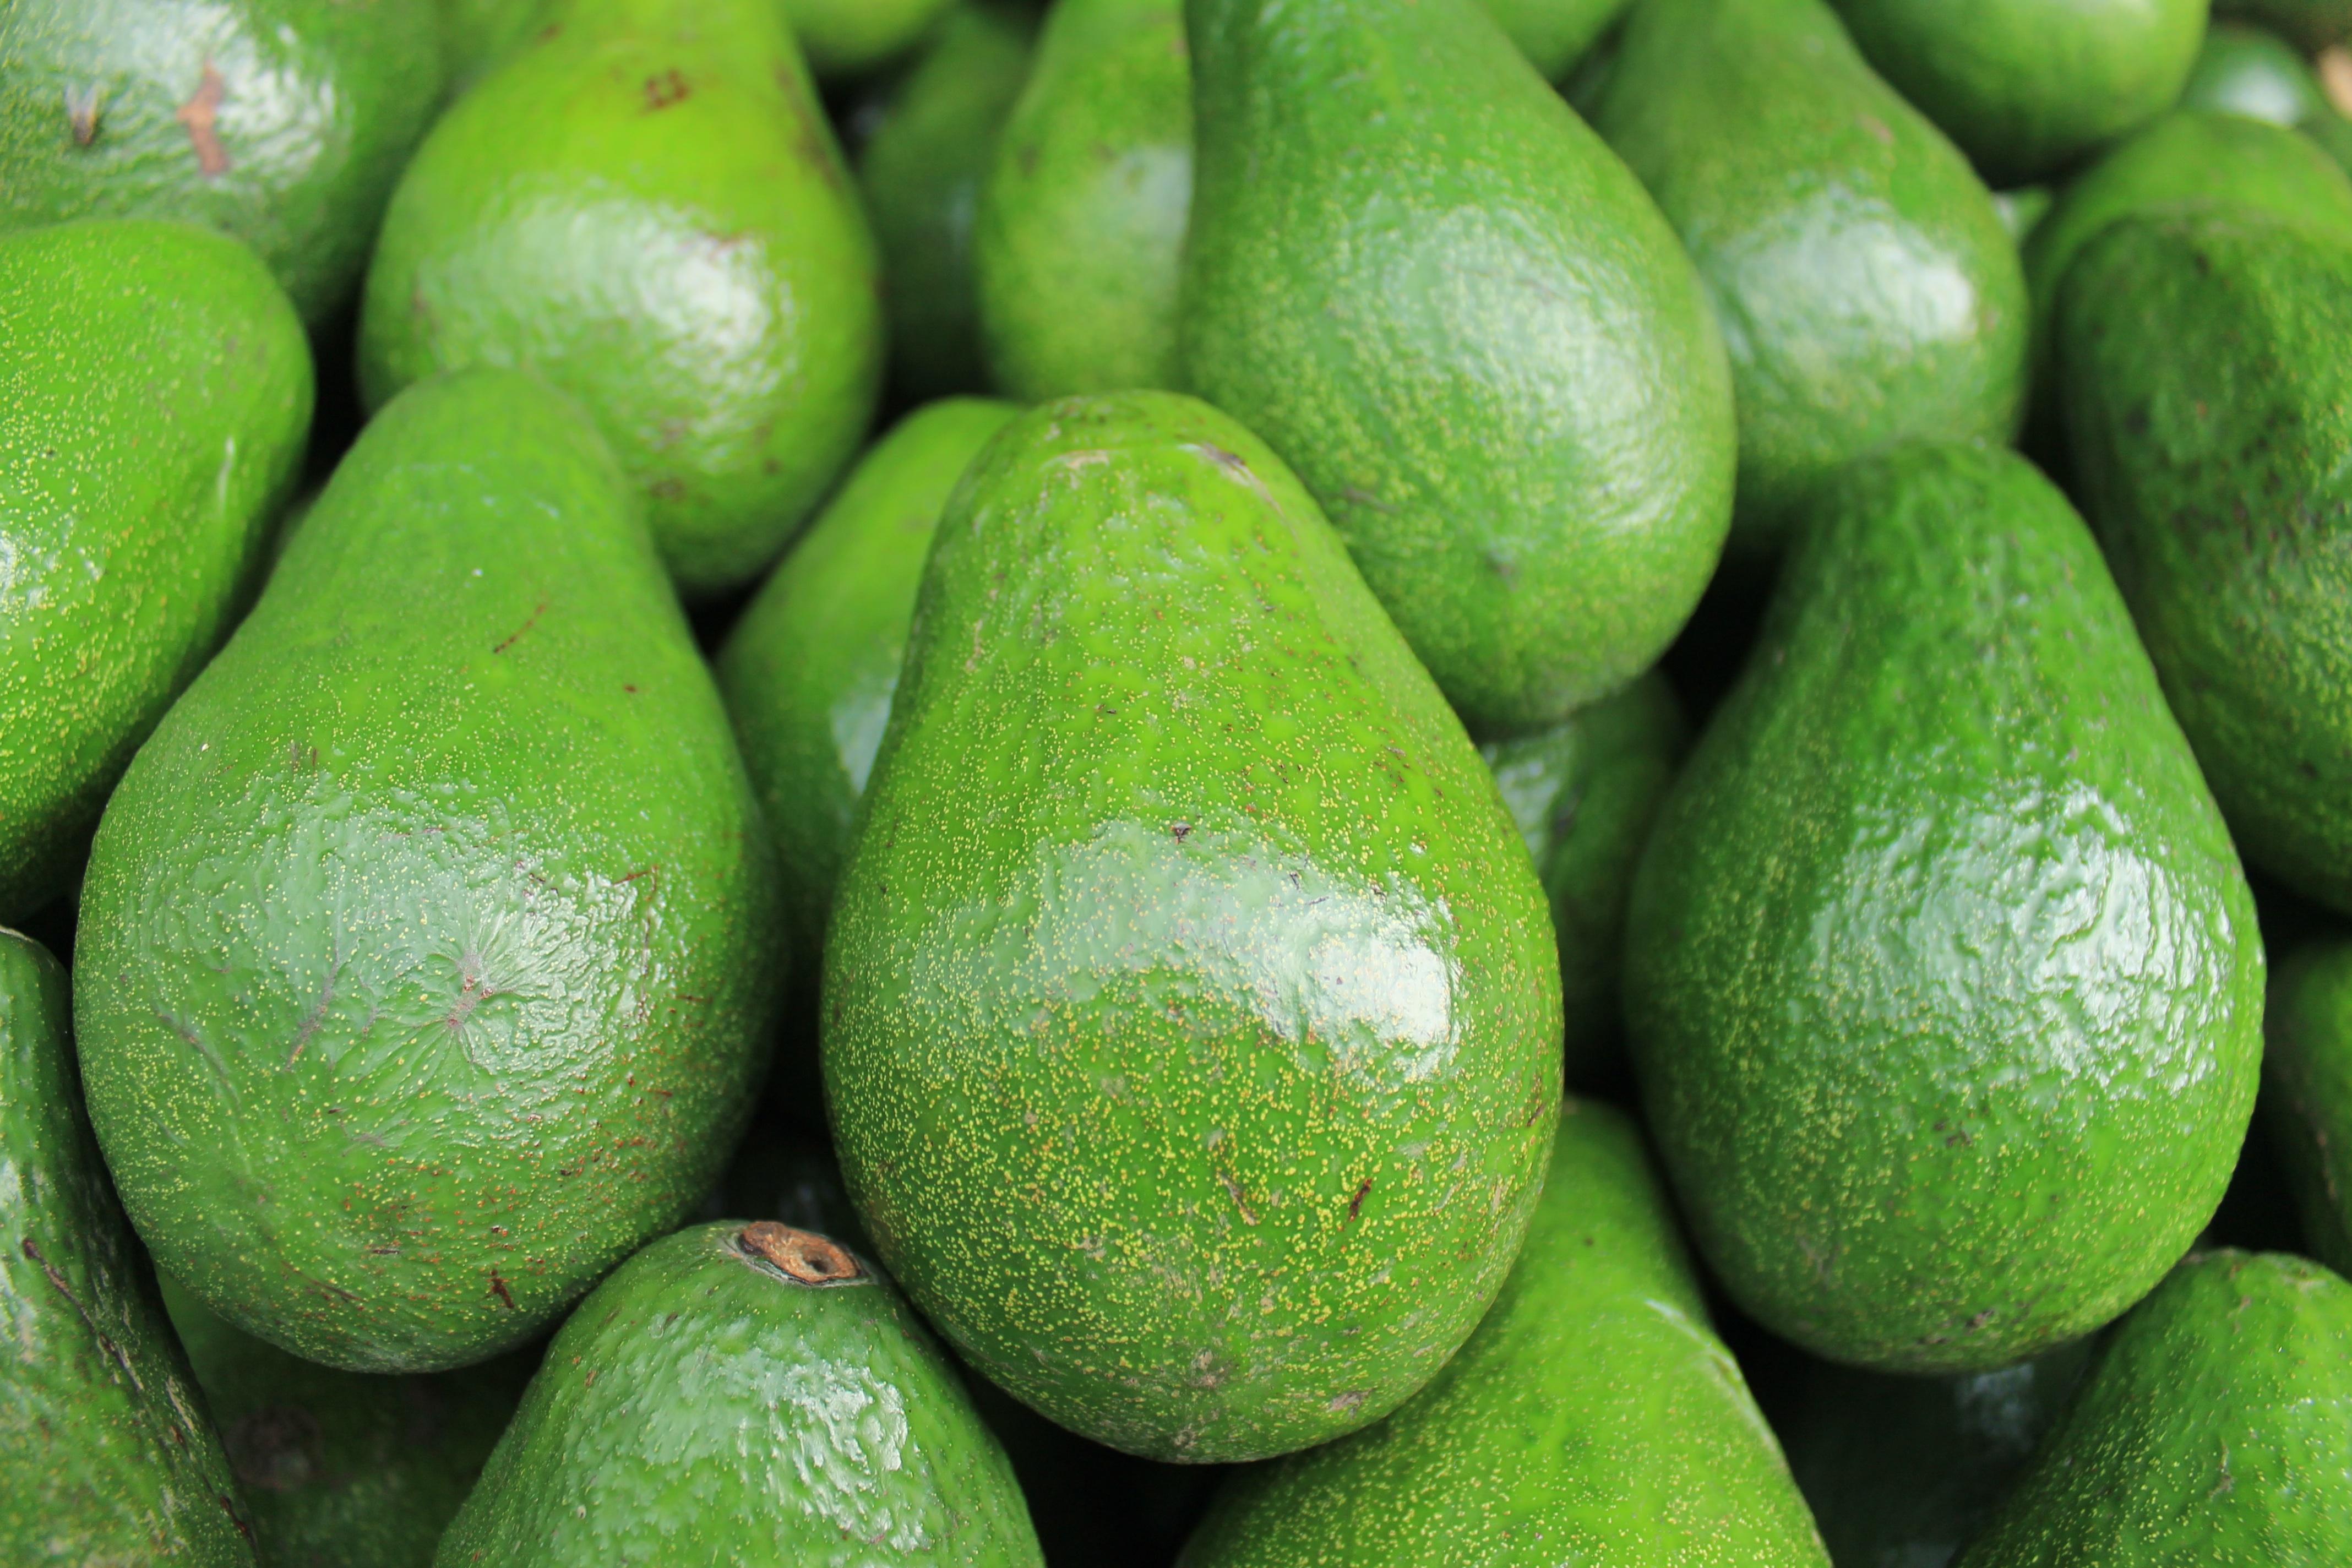 images gratuites fruit aliments produire l gume avocat citron vert agrumes plante. Black Bedroom Furniture Sets. Home Design Ideas